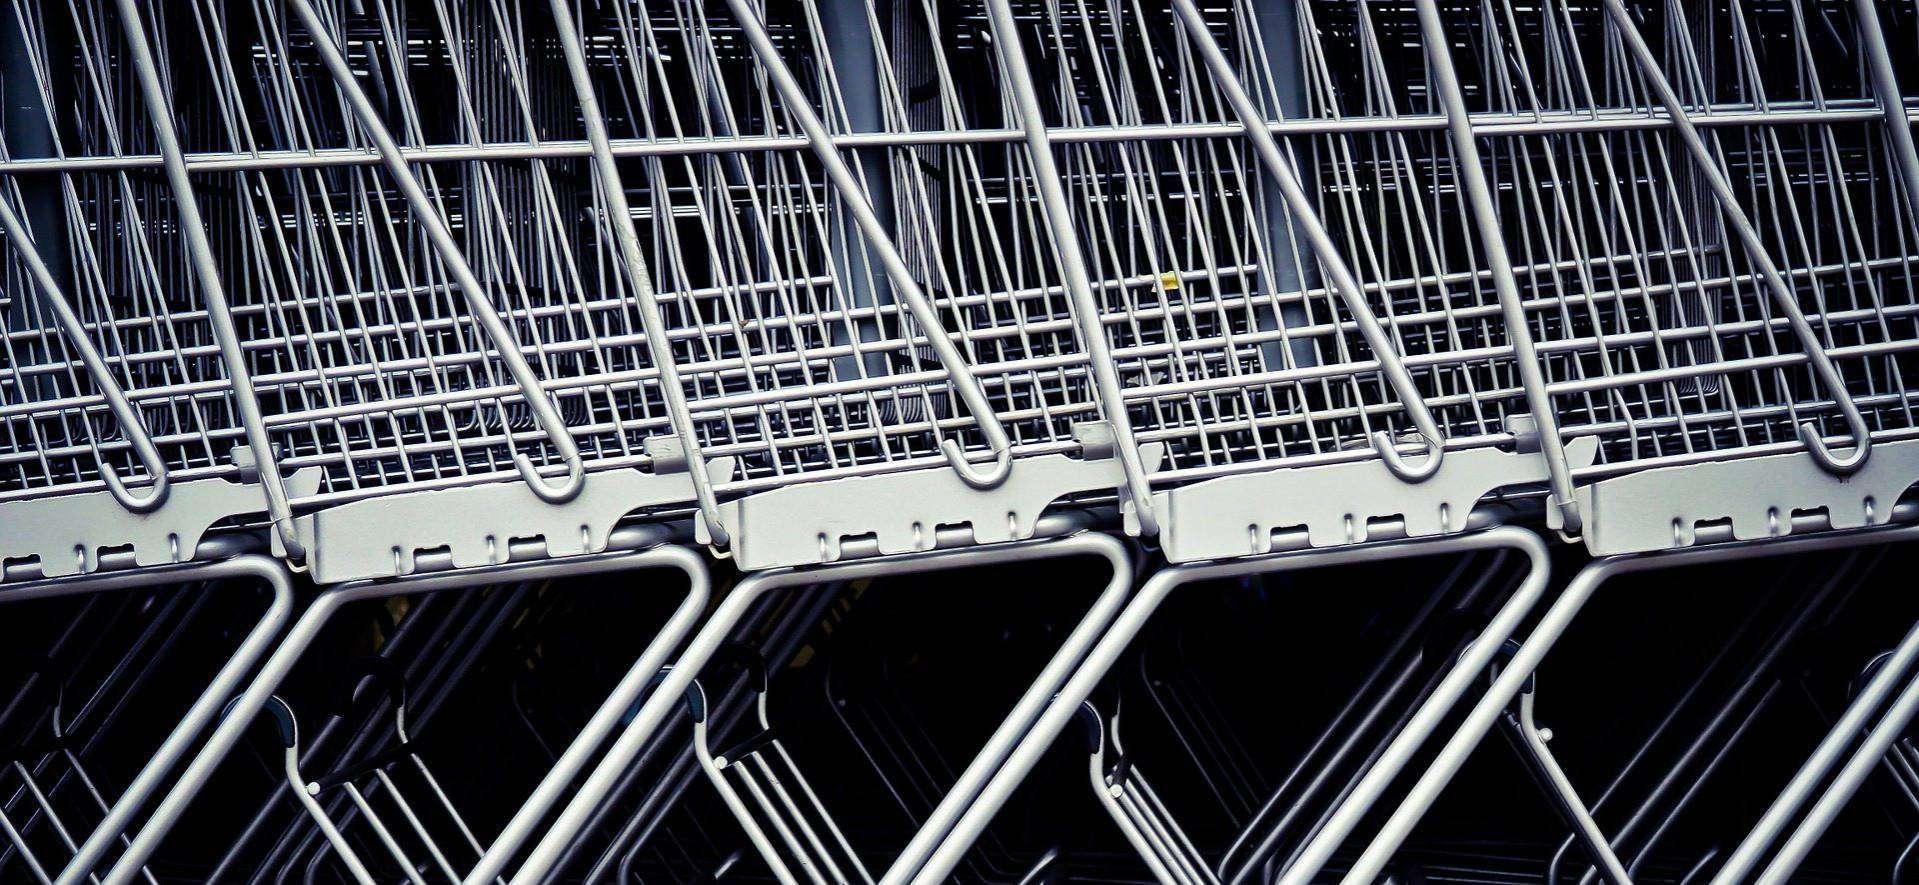 Welche Wünsche haben die Visselhöveder an den Einzelhandel, die Supermärkte und Discounter, in der Stadt? Eine Online-Befragung soll Antworten liefern. Symbolfoto: Pixabay